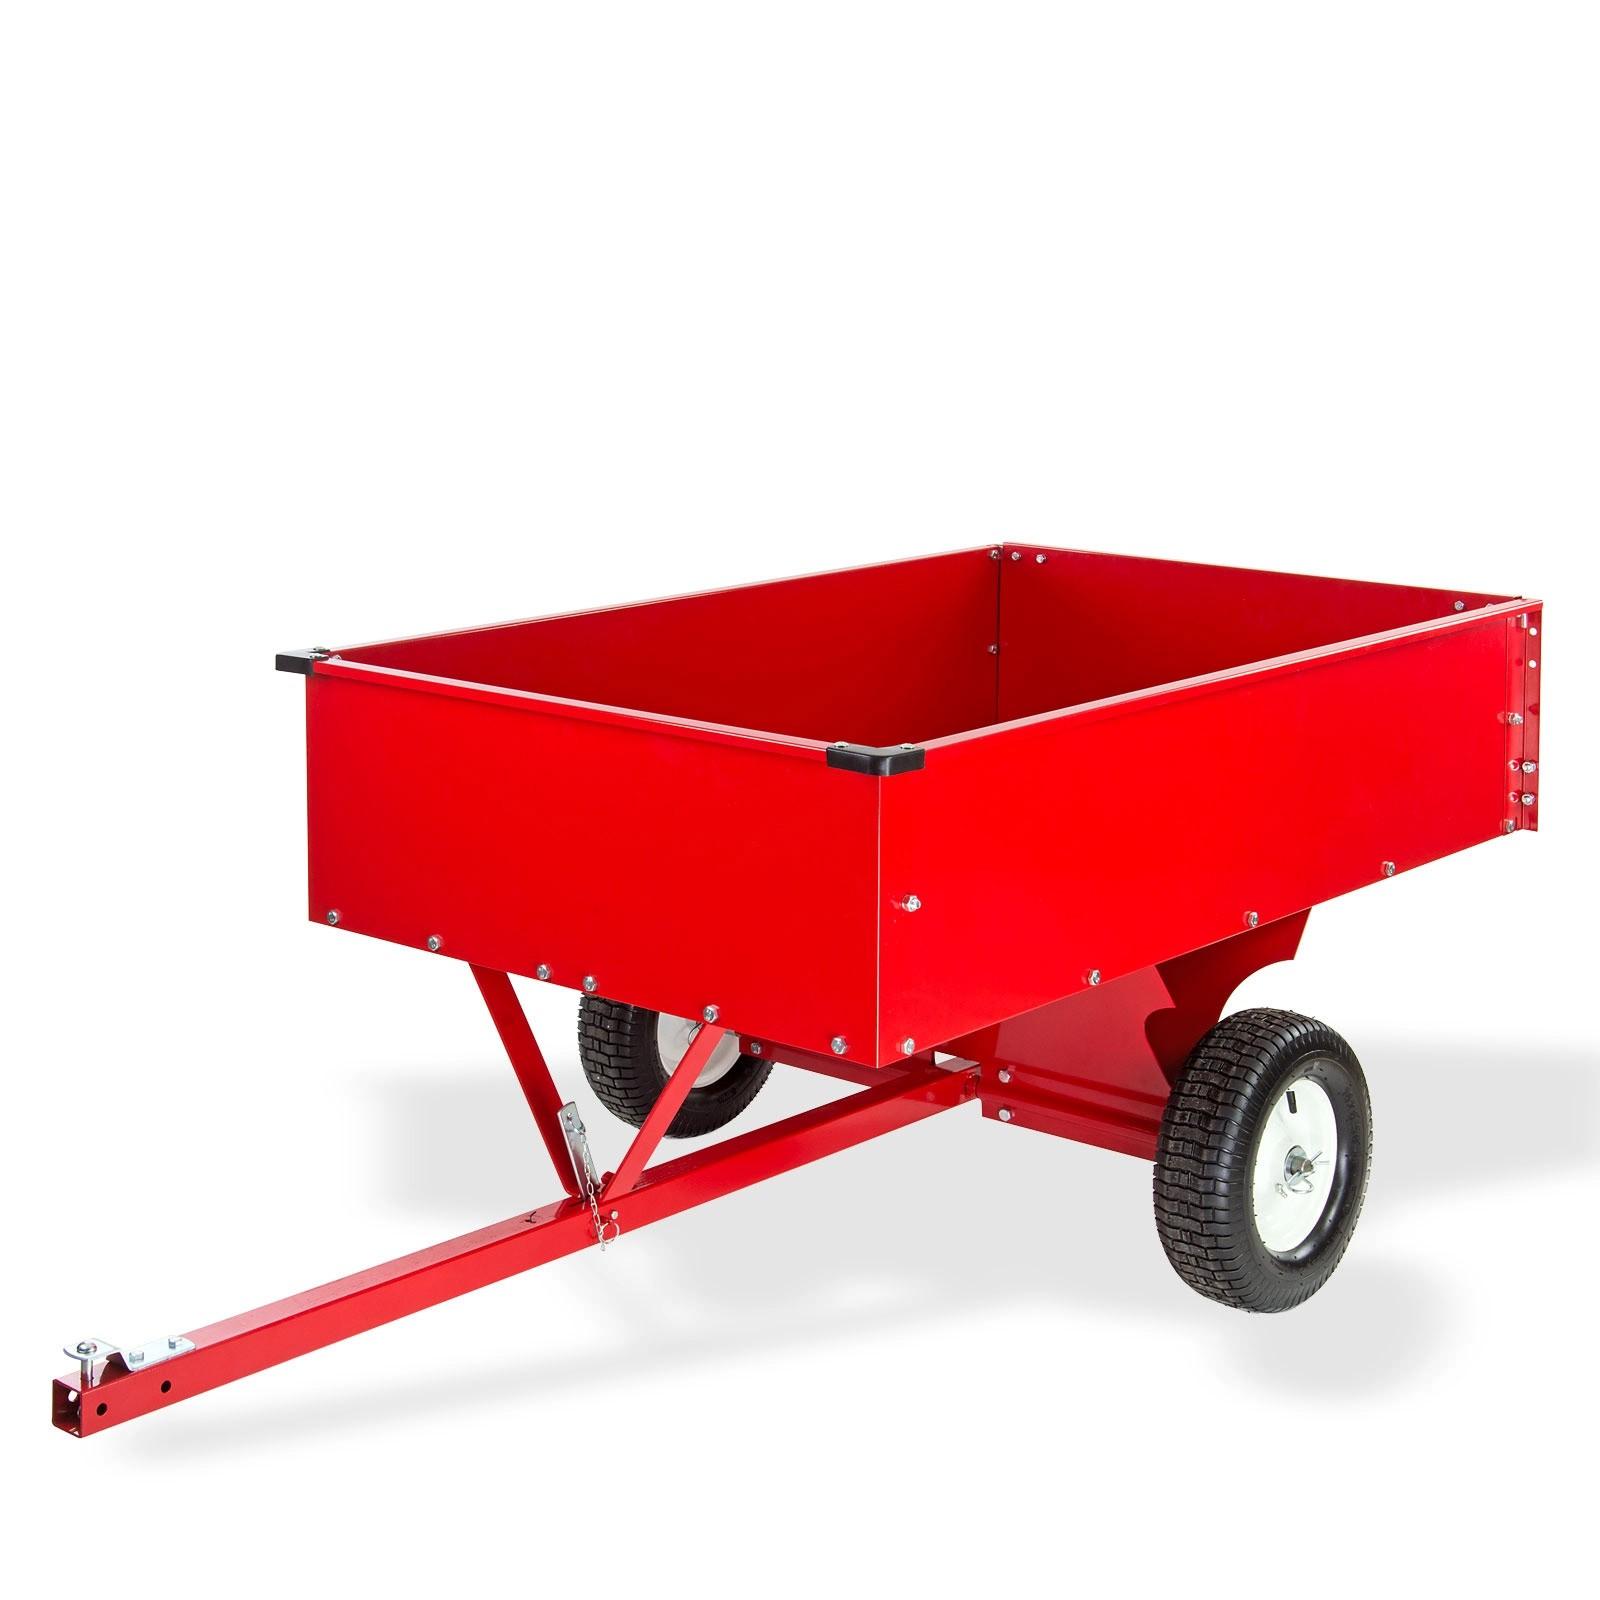 Dema Transportanhänger Anhänger für Rasentraktor Quad ATV kippbar groß 19881